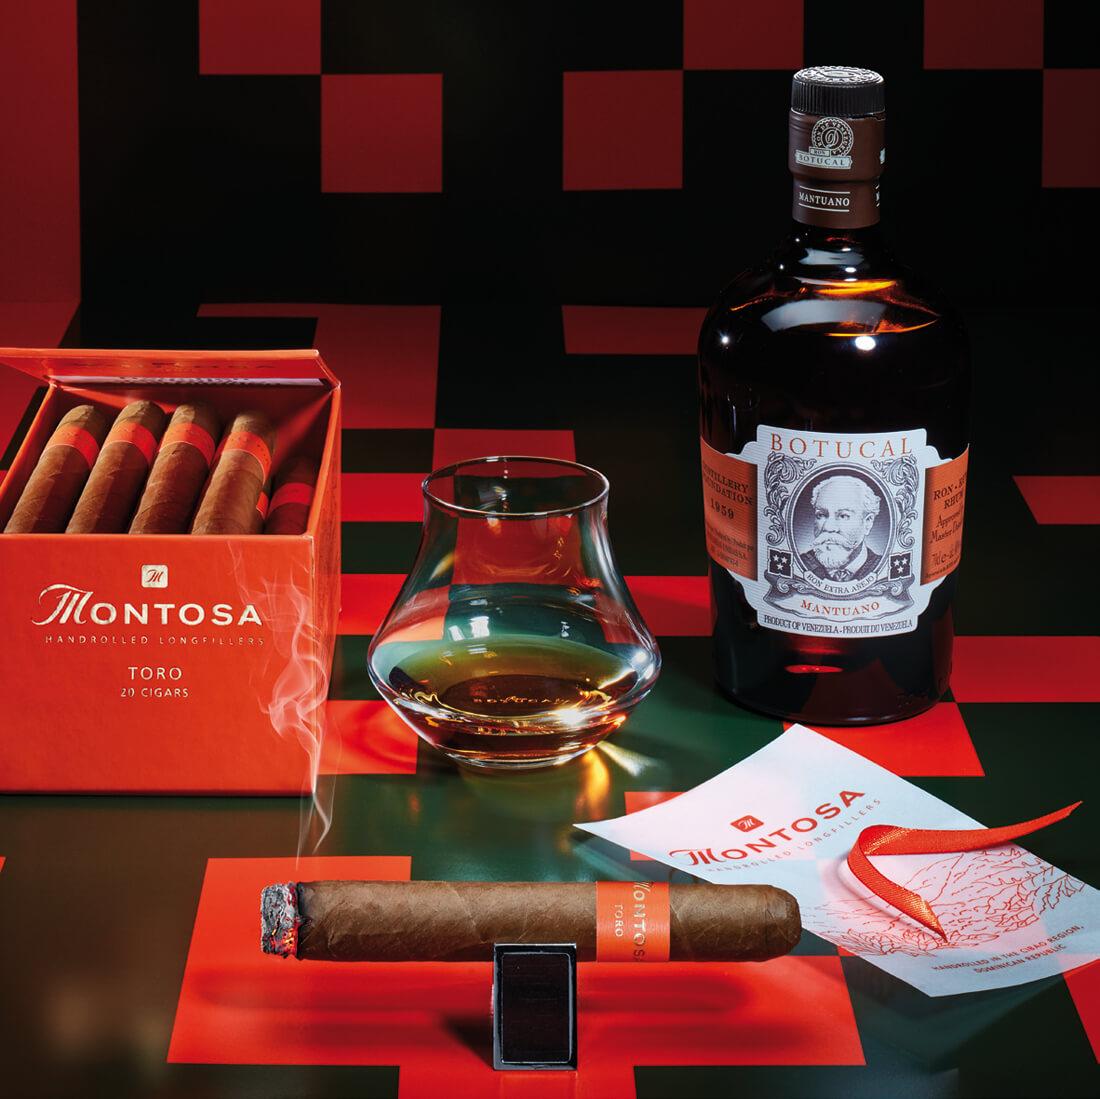 Die Genusskombination: Montosa Toro und Rum Botucal Mantuano